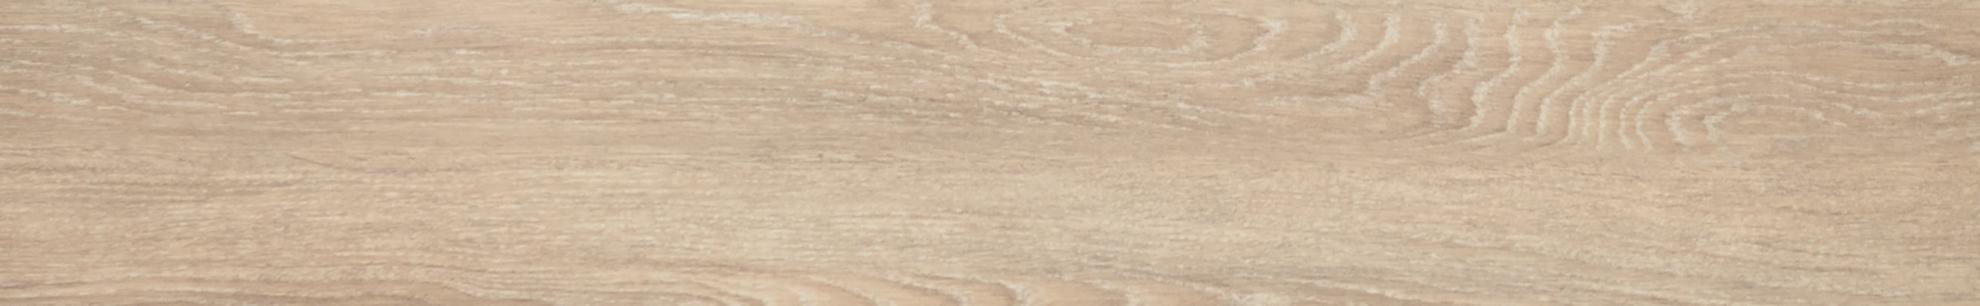 Виниловая плитка NOX EcoClick - EcoWood DryBack Дуб Рошфор